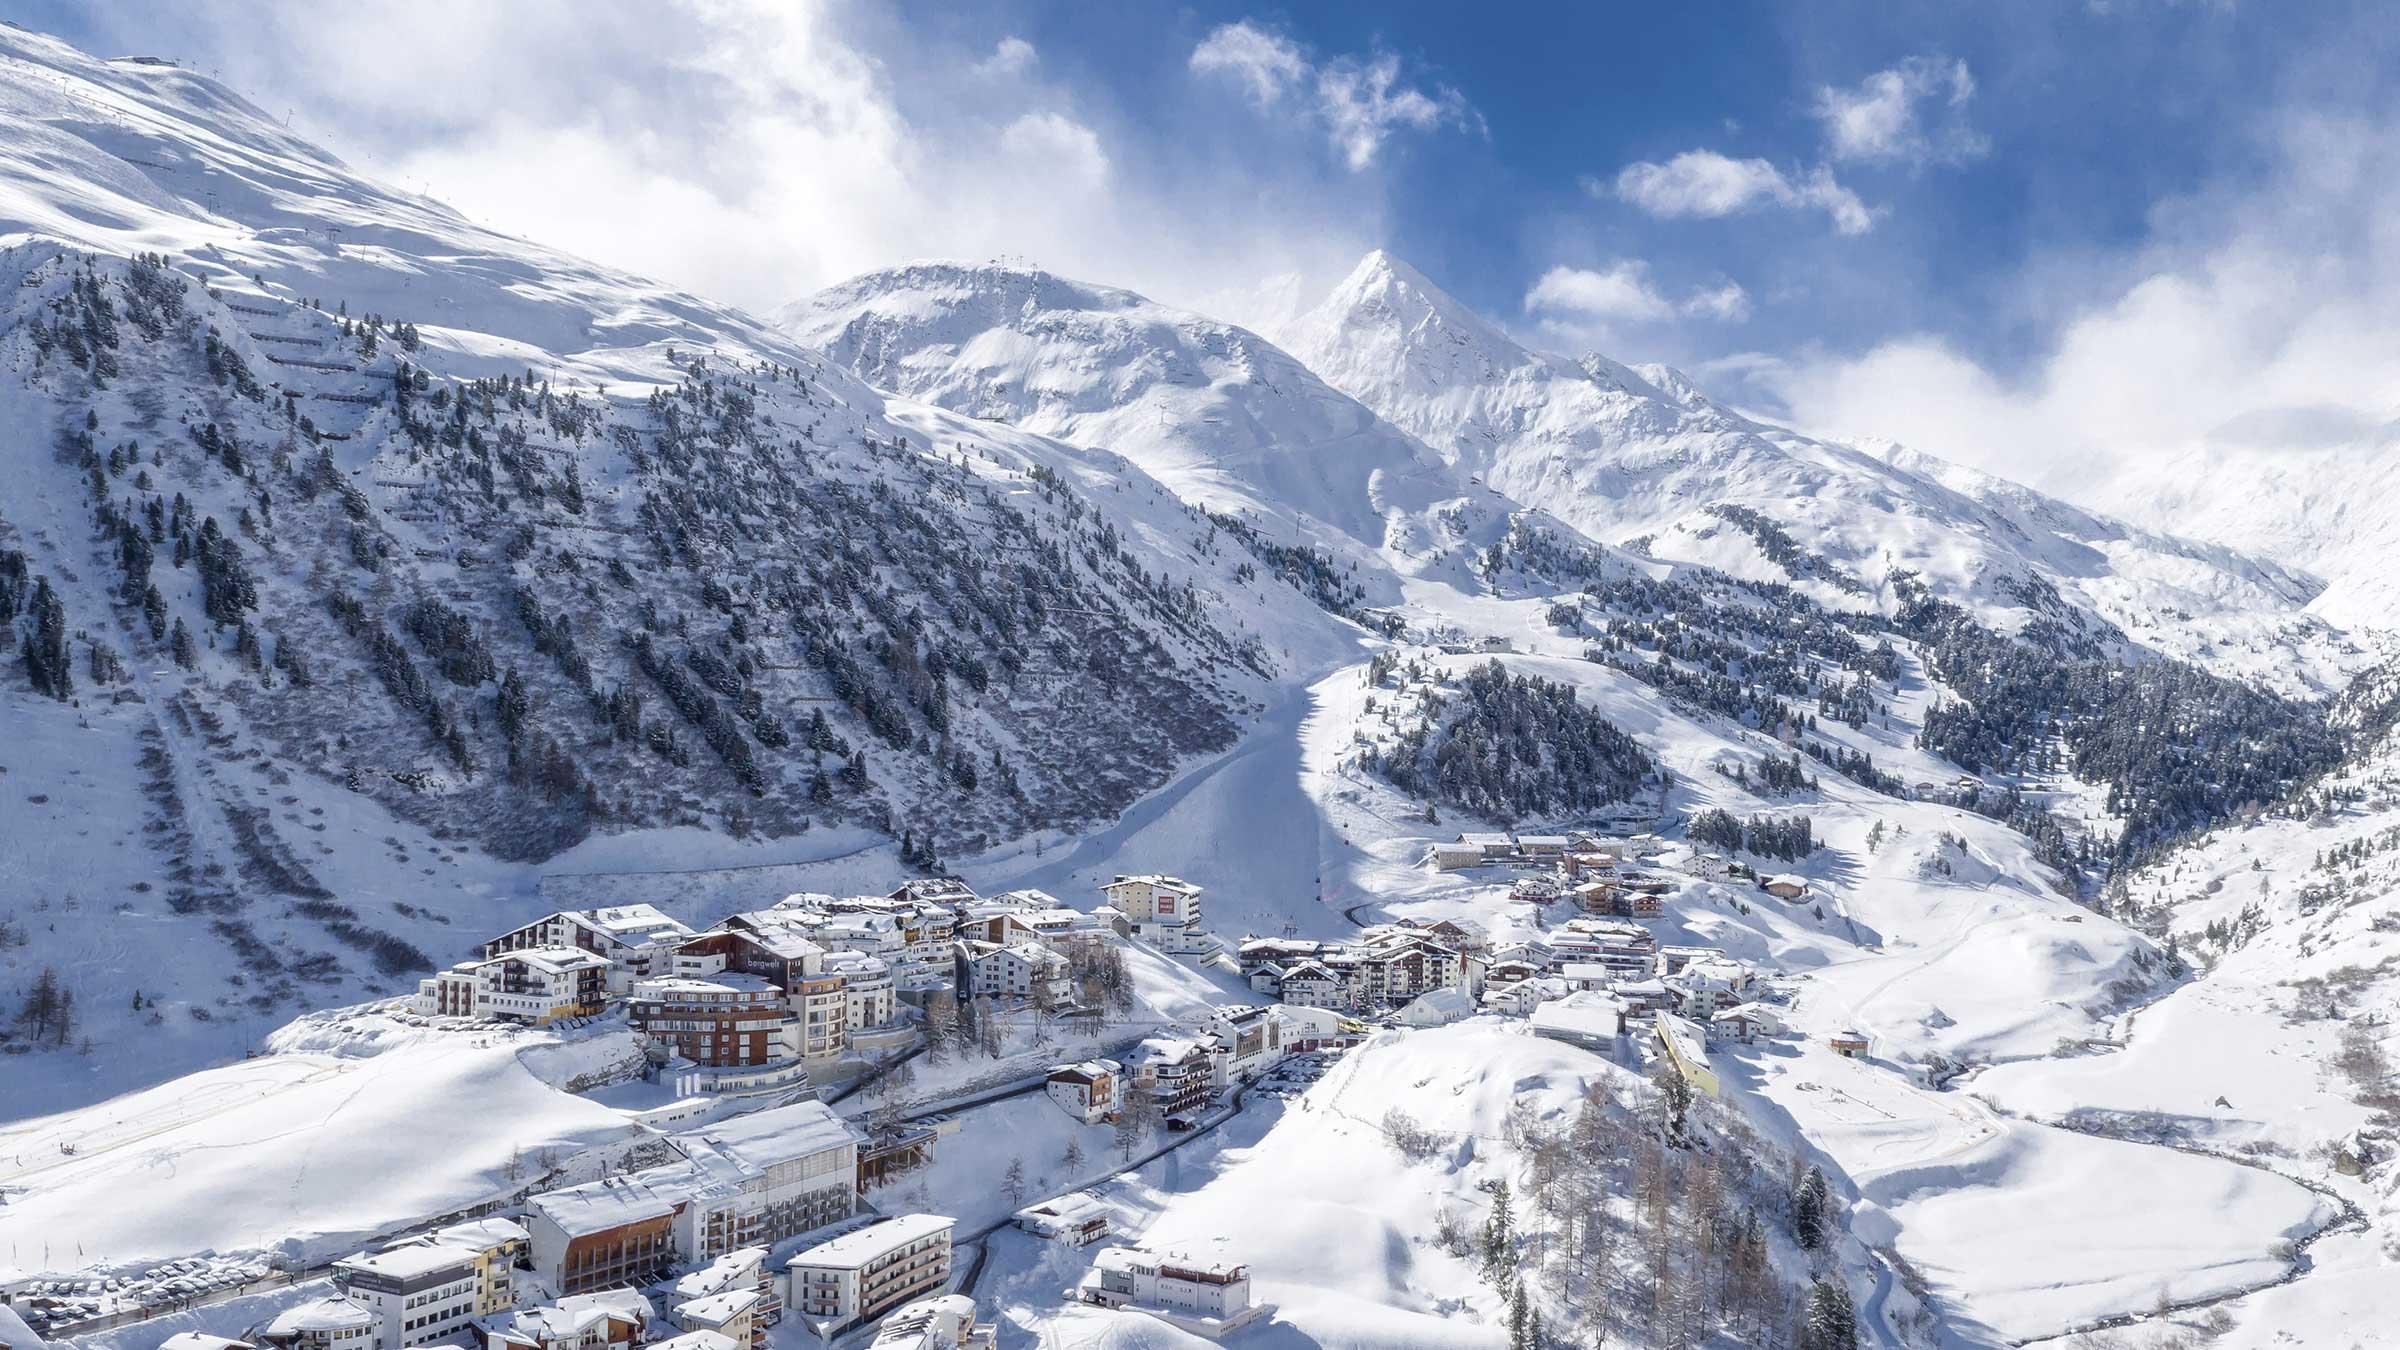 Obergurgl im Winter - Bertrand Piccard in Obergurgl-Hochgurgl